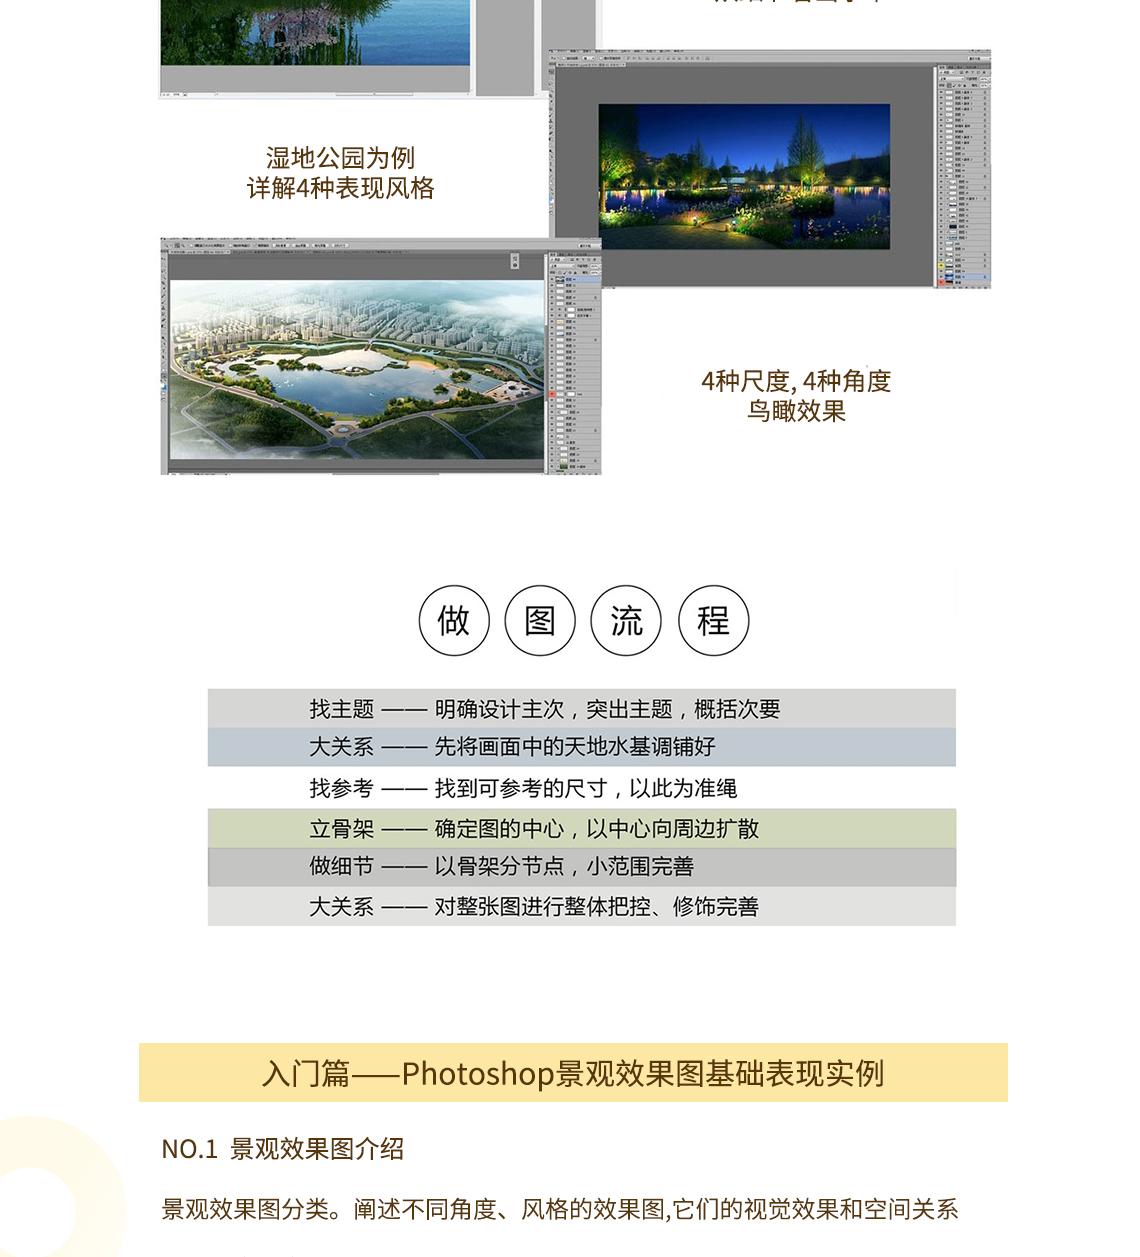 景观从业者必学的课程,抓稳甲方脉搏,联合实际项目,与工作实操紧密结合,Photoshop景观效果图,景观效果图表现,ps景观效果图  seo关键字:Photoshop景观效果图,景观效果图表现,ps景观效果图